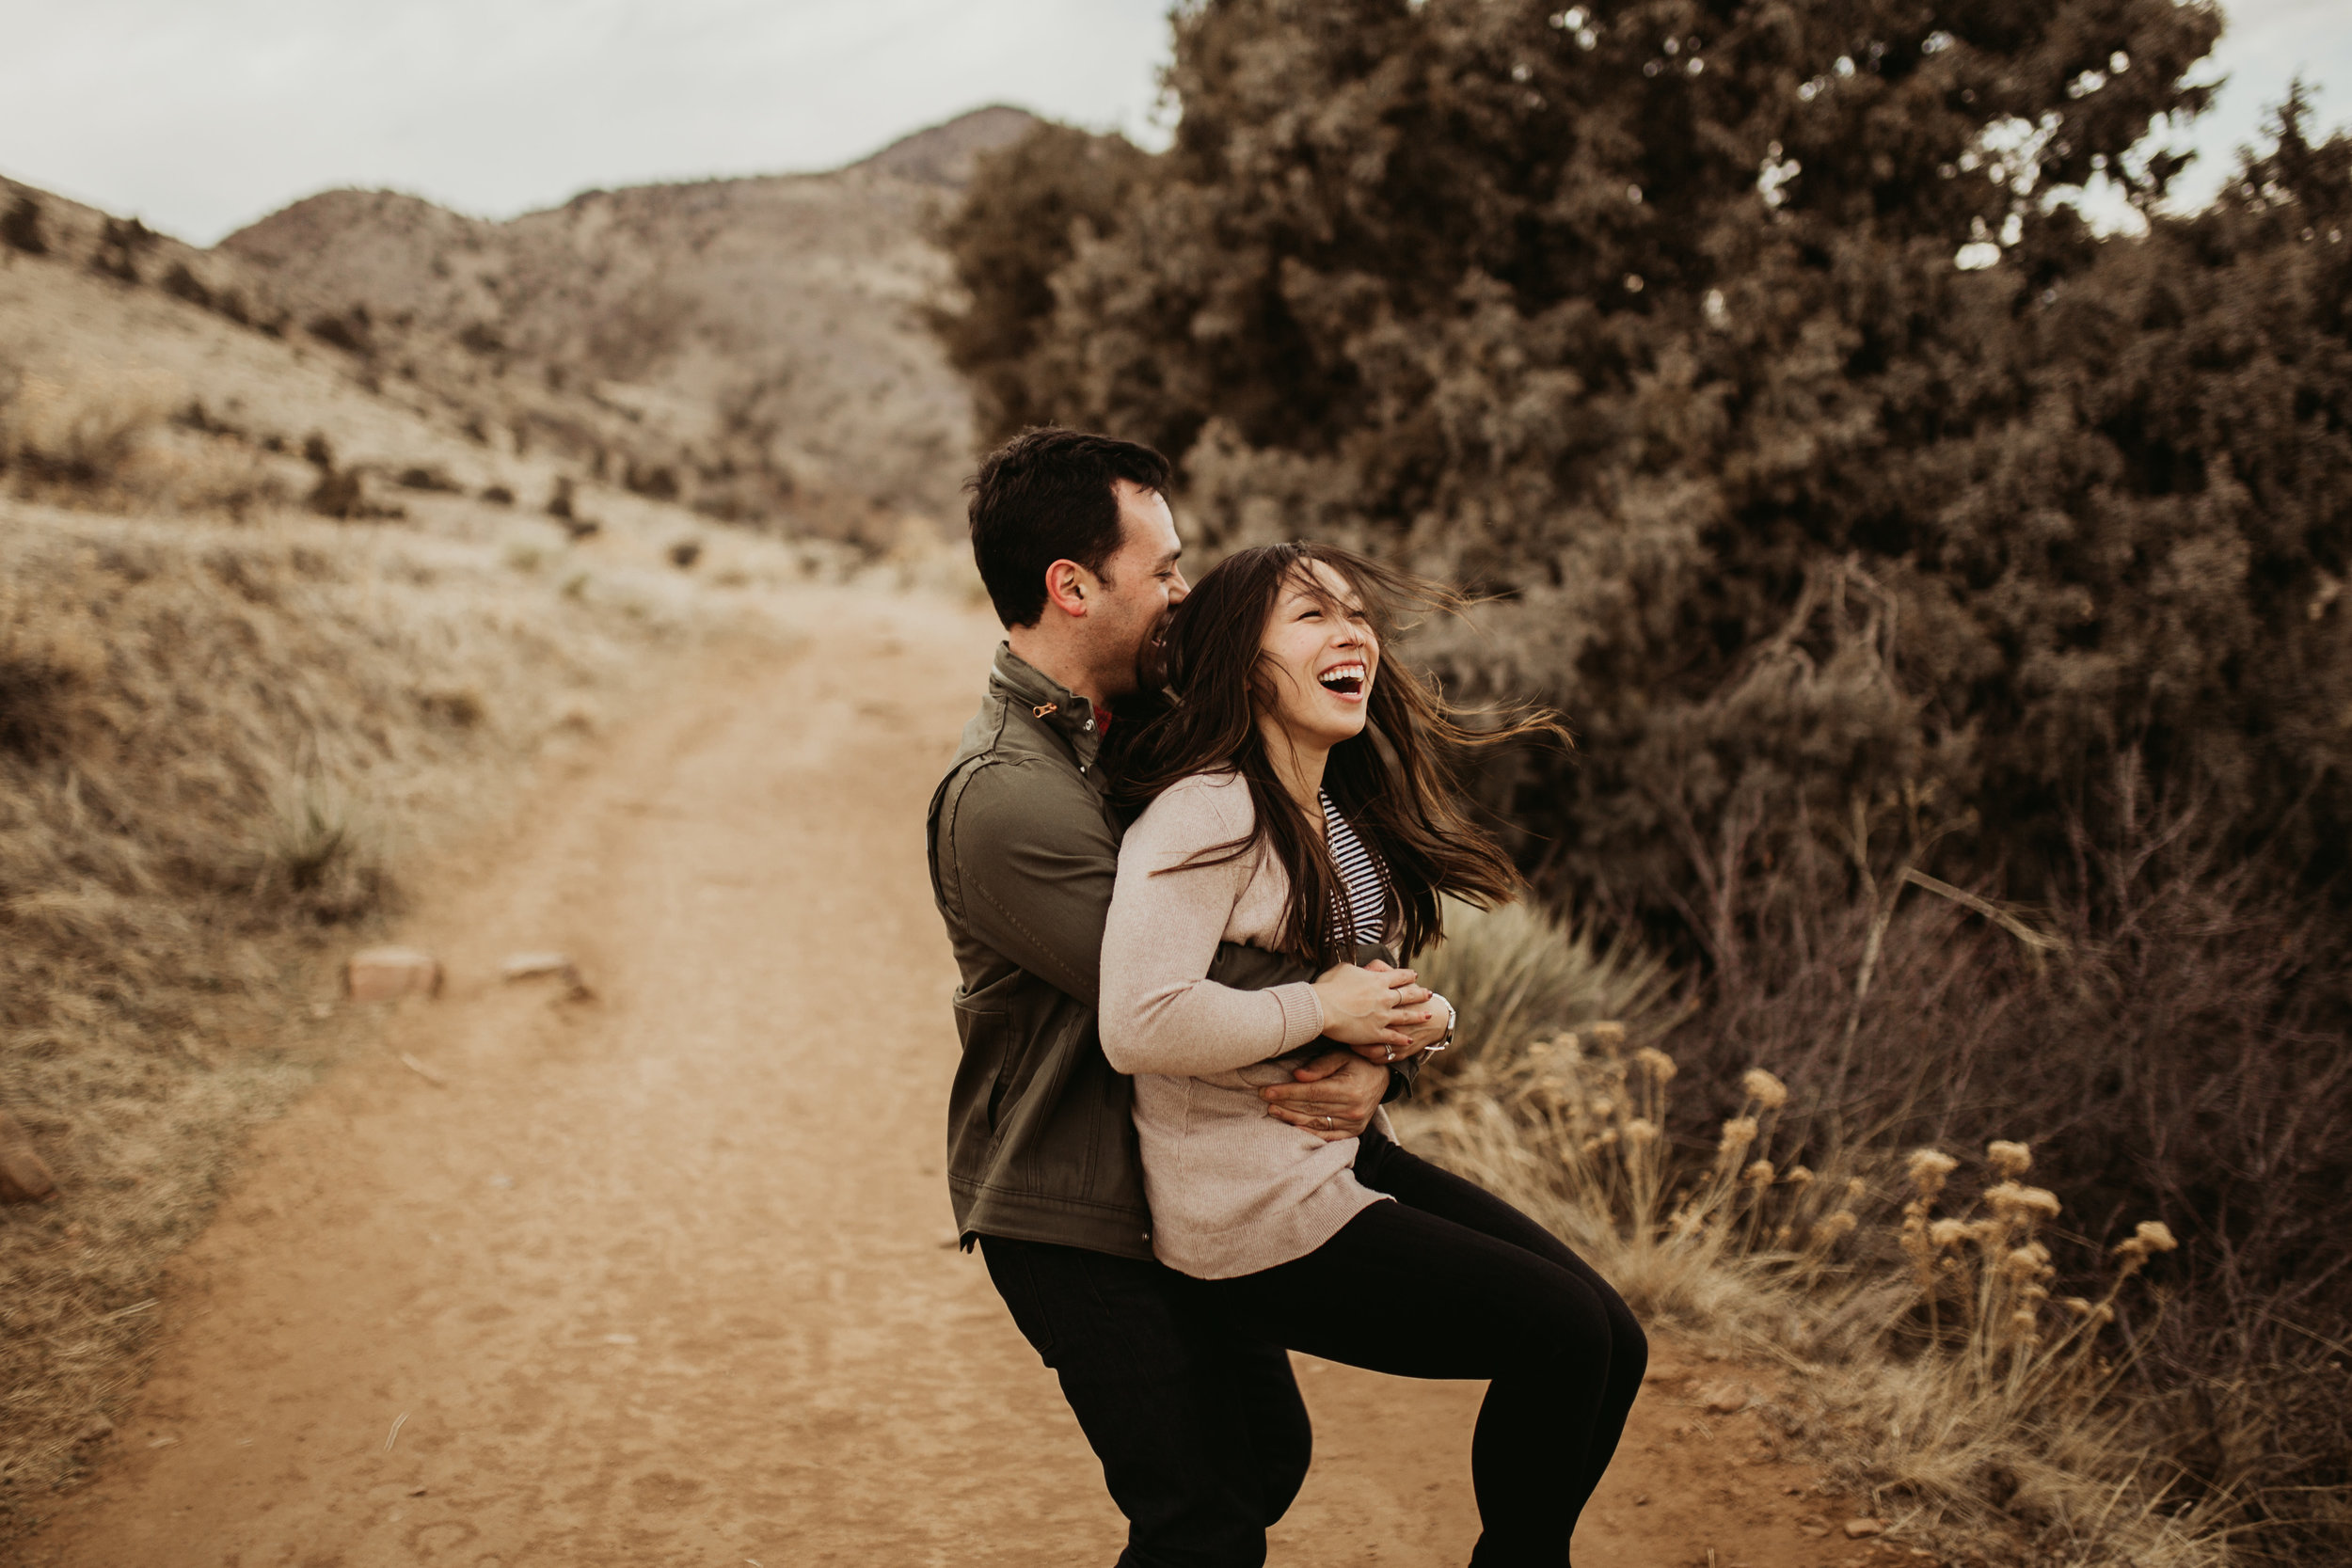 colorado+california+wedding+photographer13.jpg